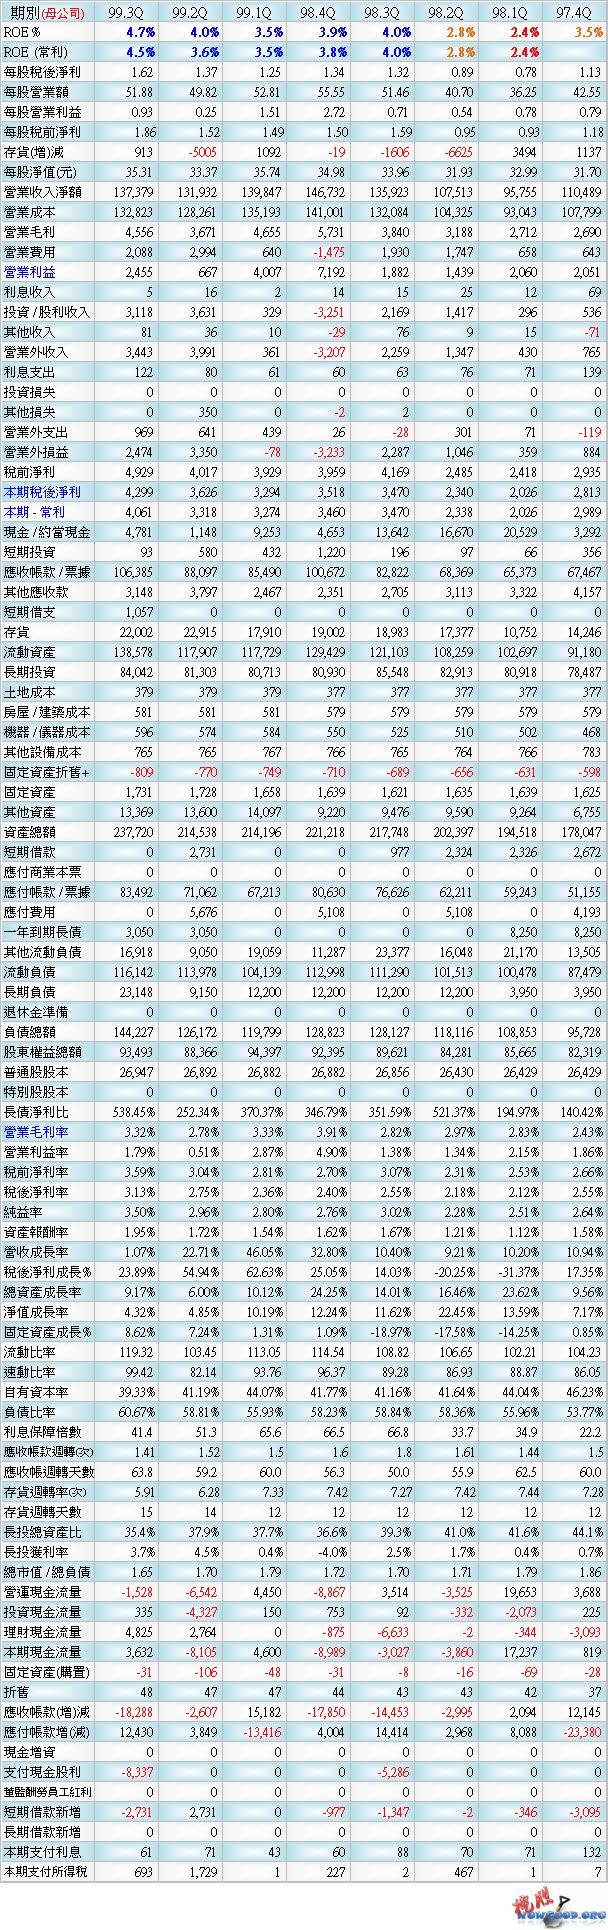 2353_財務季表